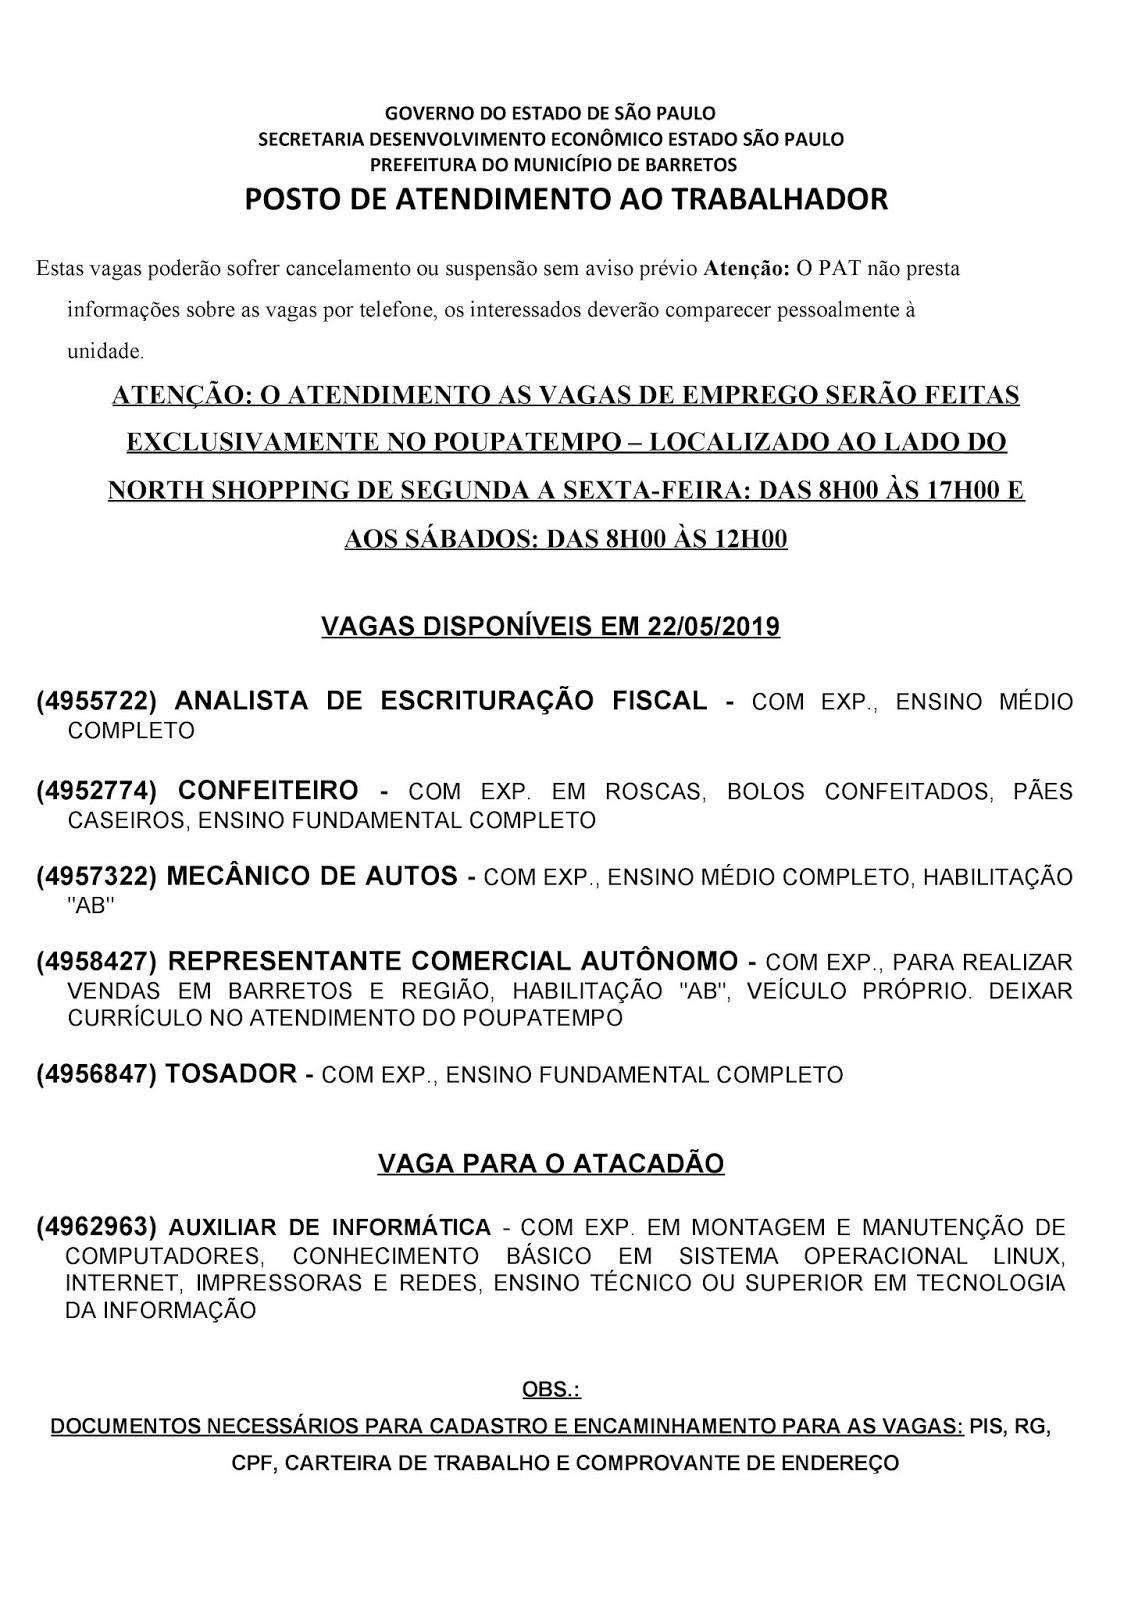 VAGAS DE EMPREGO DO PAT BARRETOS-SP PARA 22/05/2019 QUARTA-FEIRA